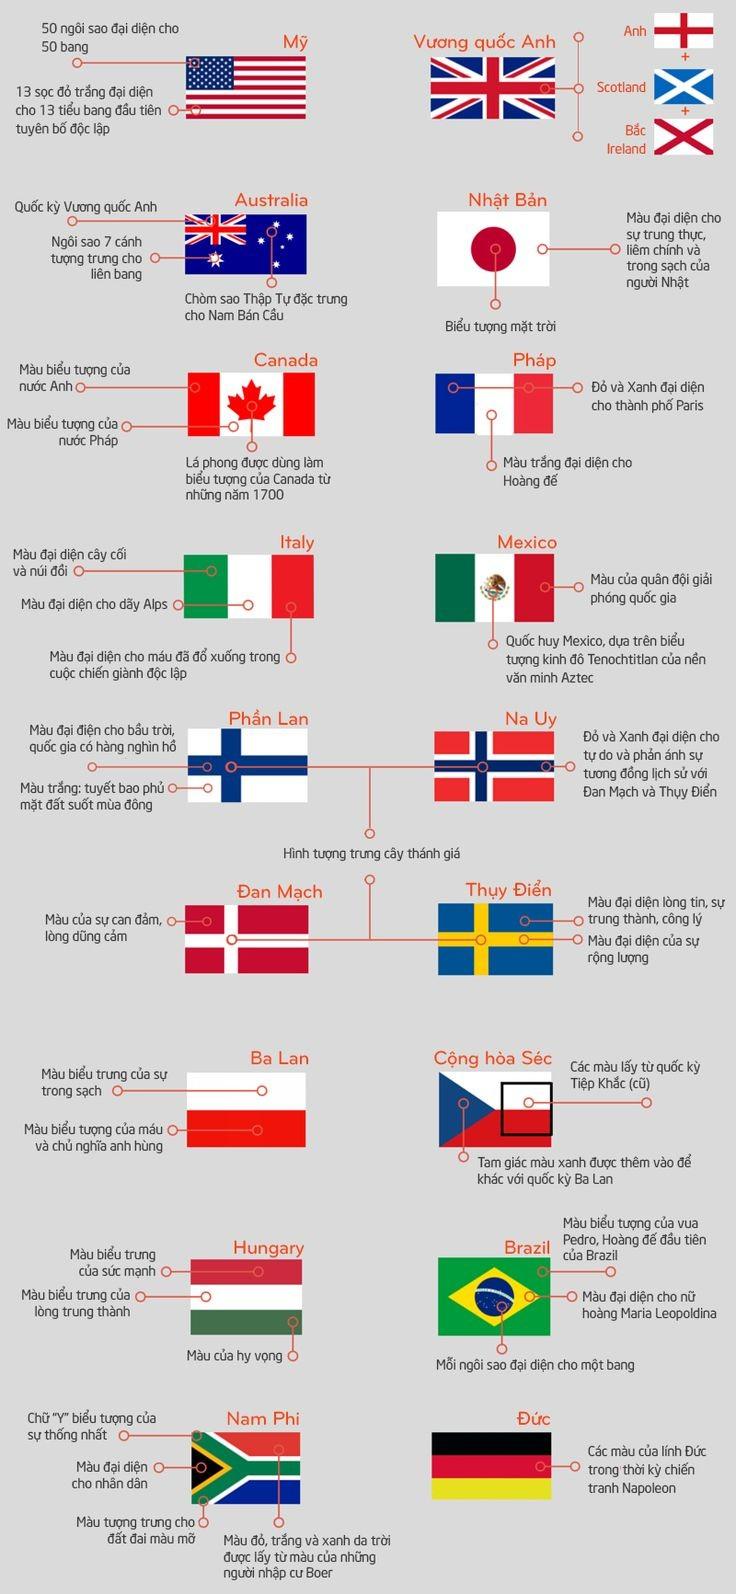 Ý nghĩa các biểu tượng trên lá cờ của các nước